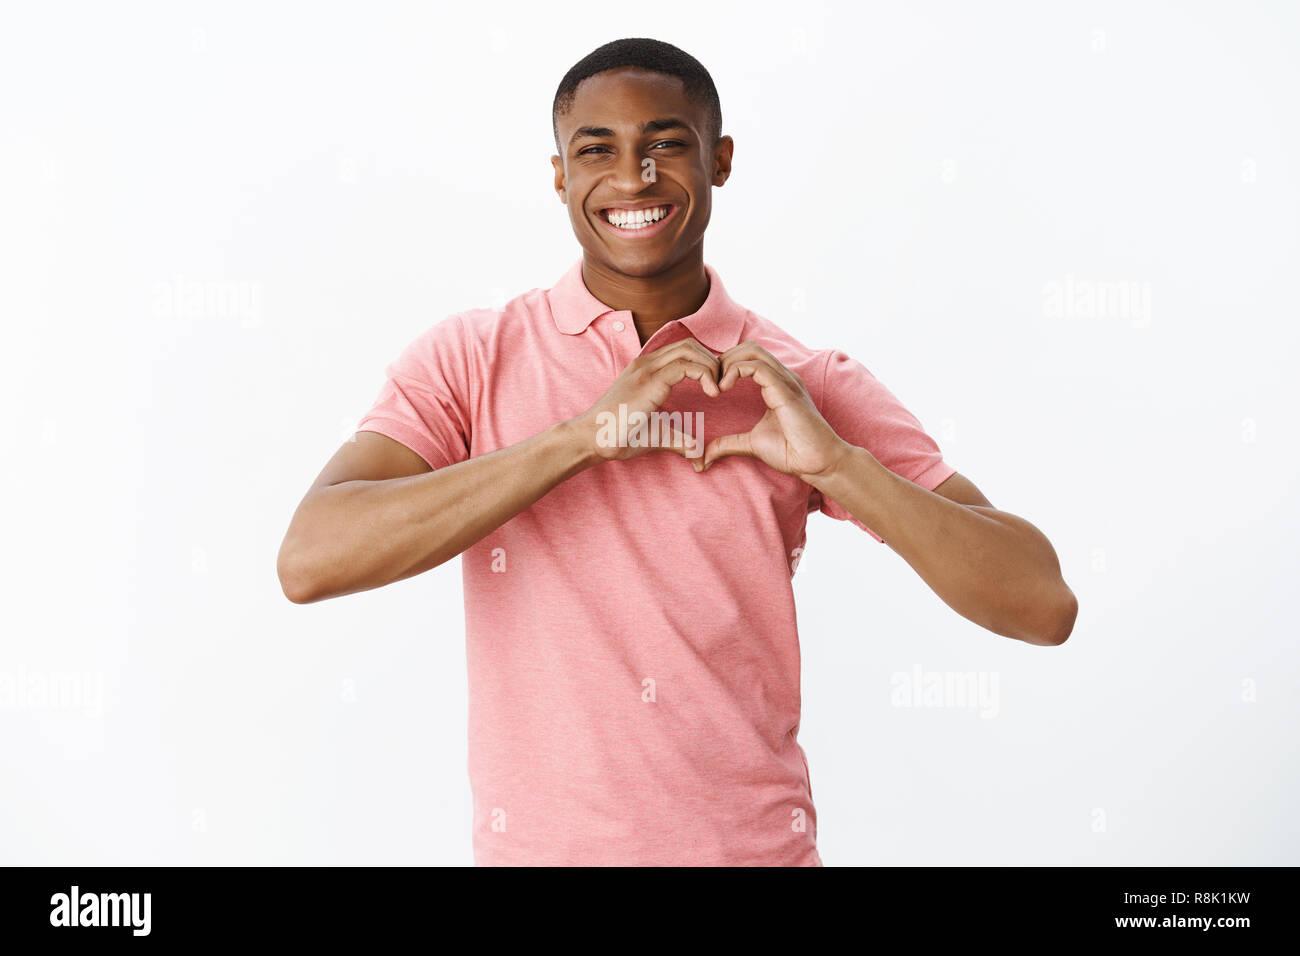 Wais-plan de nature sincère et mignon jeune homme afro-américain d'amour et de partage de tendres sentiments montrant un large sourire et geste du cœur en confessant notre sympathie à mère sur mur blanc Photo Stock